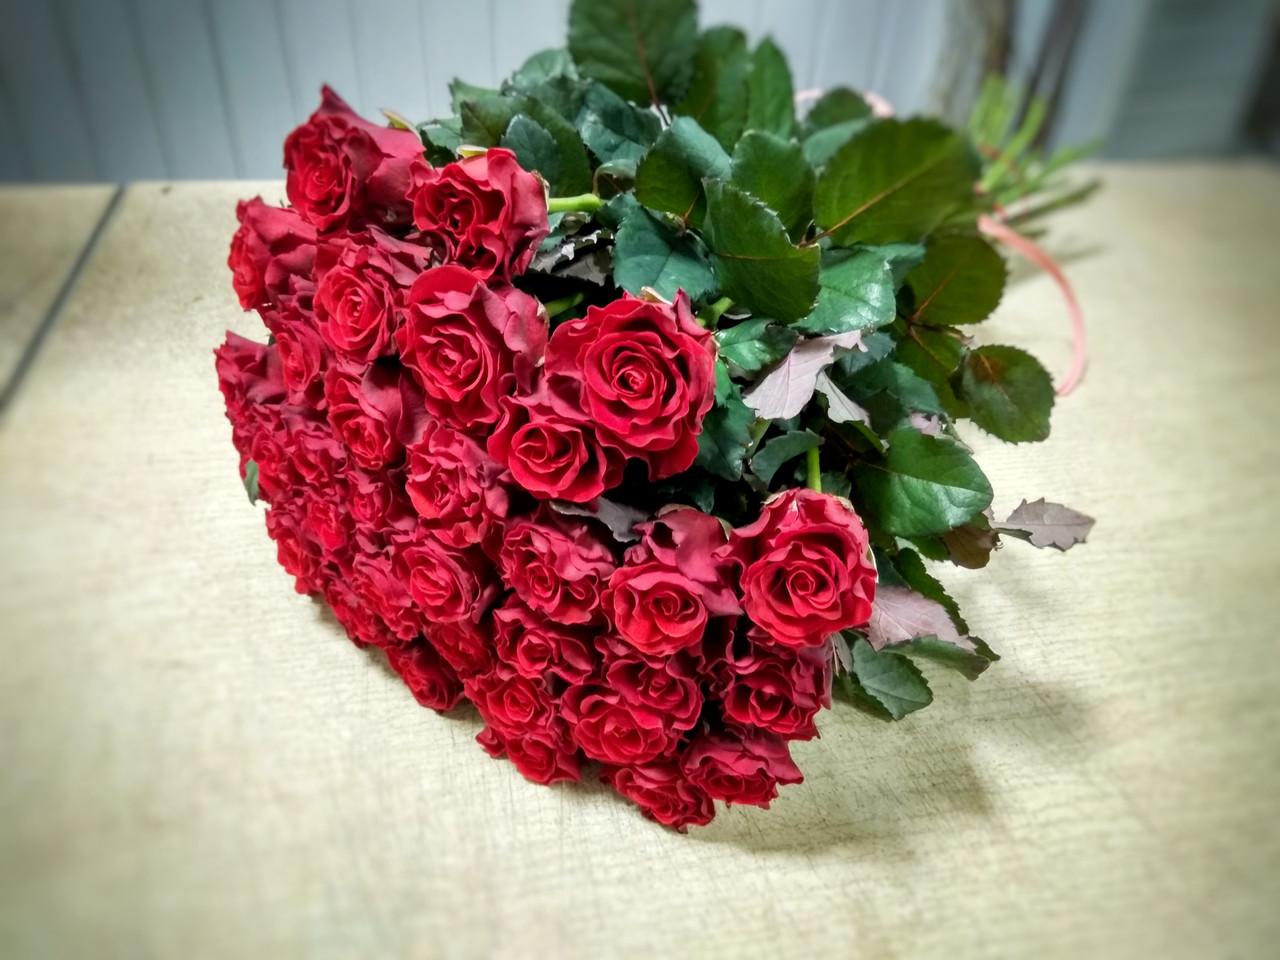 Букет из 35 красных роз Эль торо